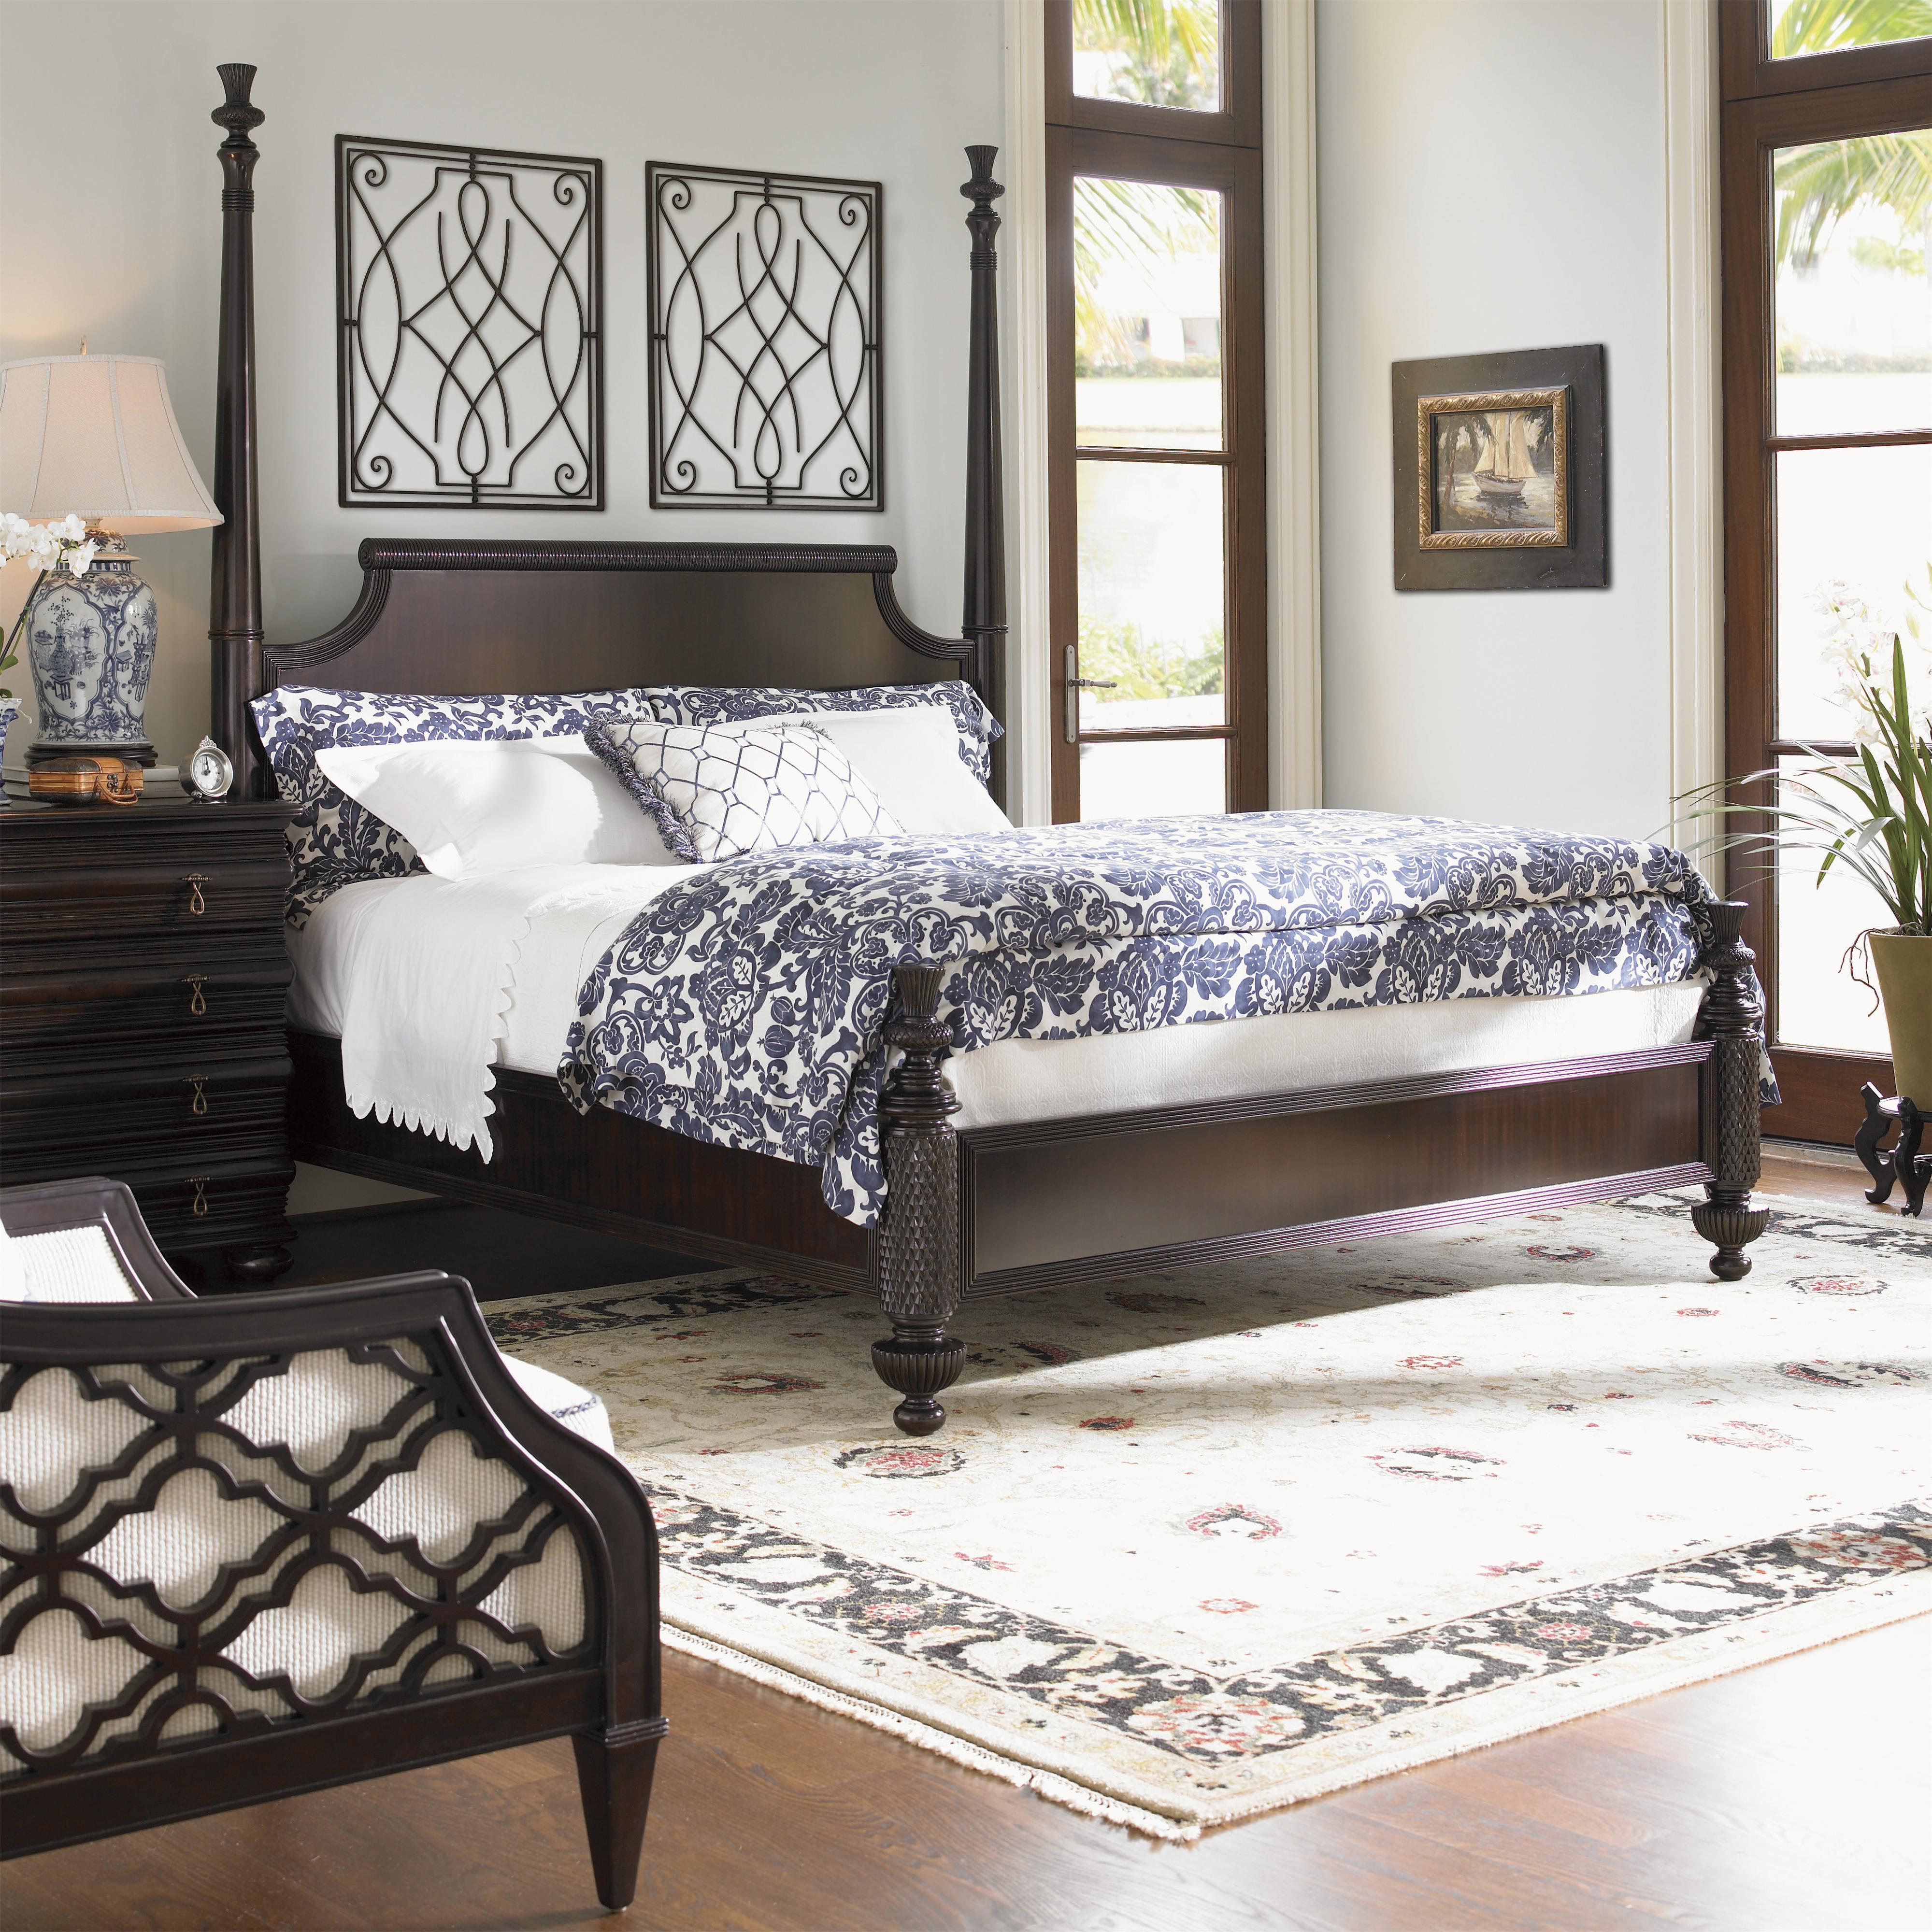 tommy bahama home royal kahala king bedroom group reeds furniture bedroom groups. Black Bedroom Furniture Sets. Home Design Ideas